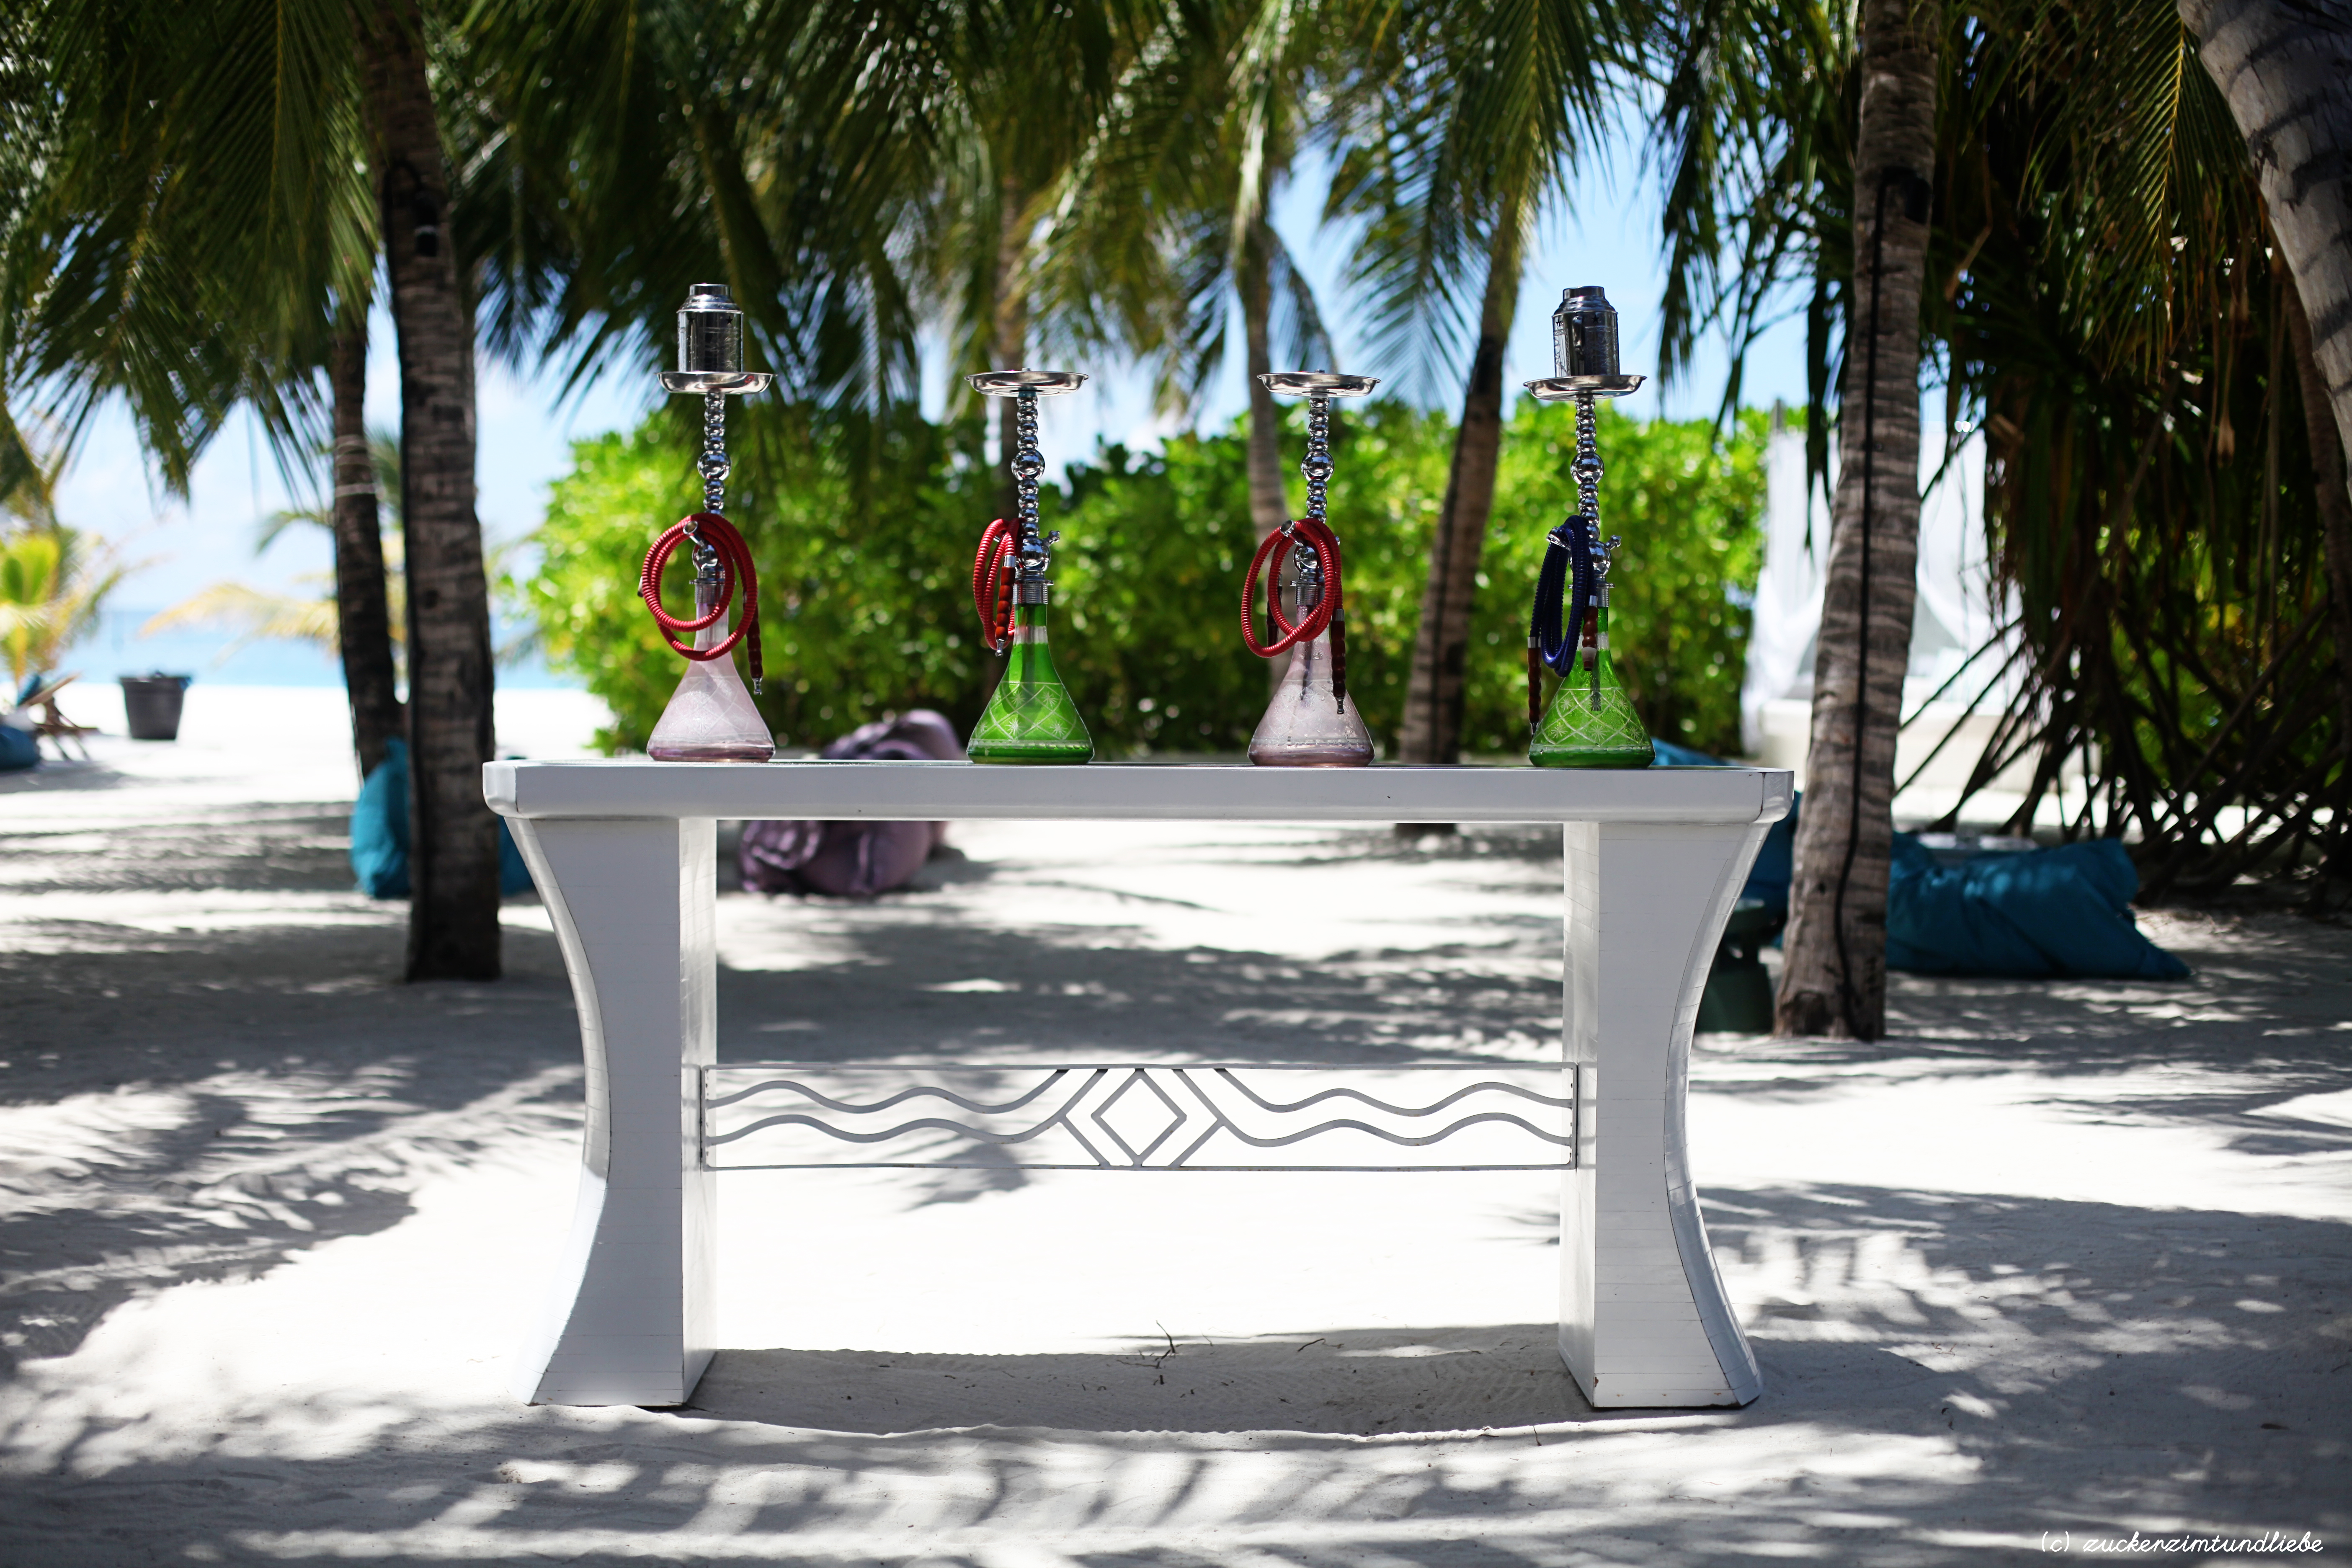 zuckerzimtundliebe_maldives_14